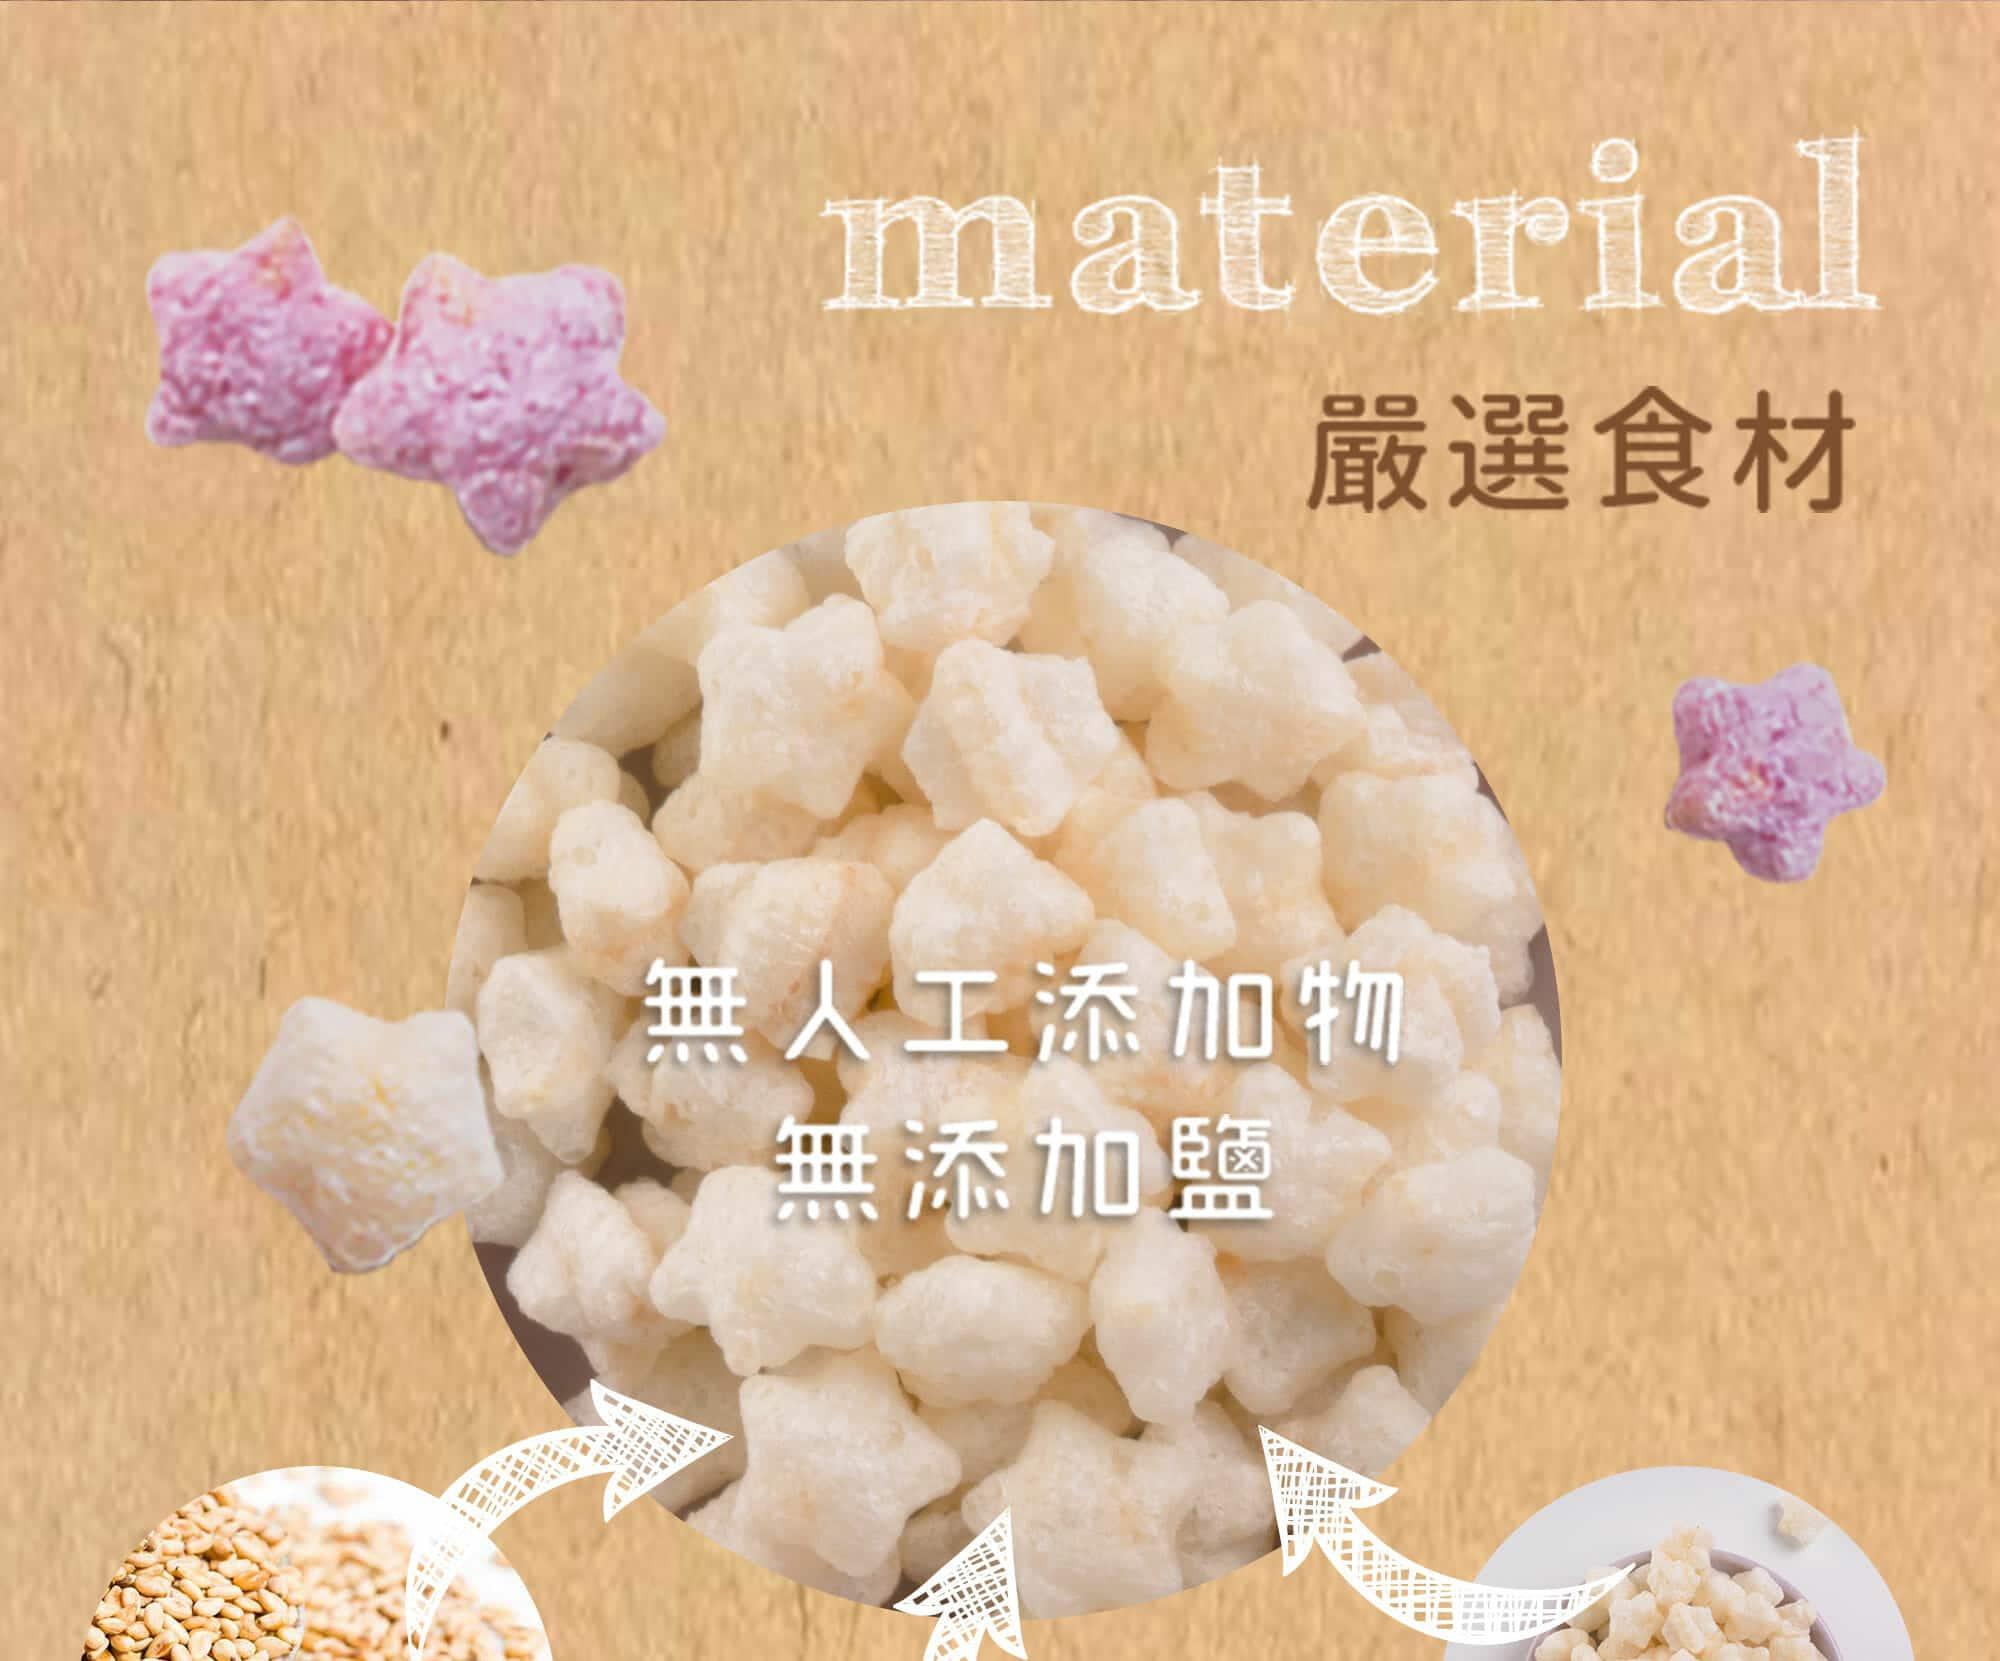 麥星星餅乾用嚴選食材製作,無人工添加物、無添加鹽